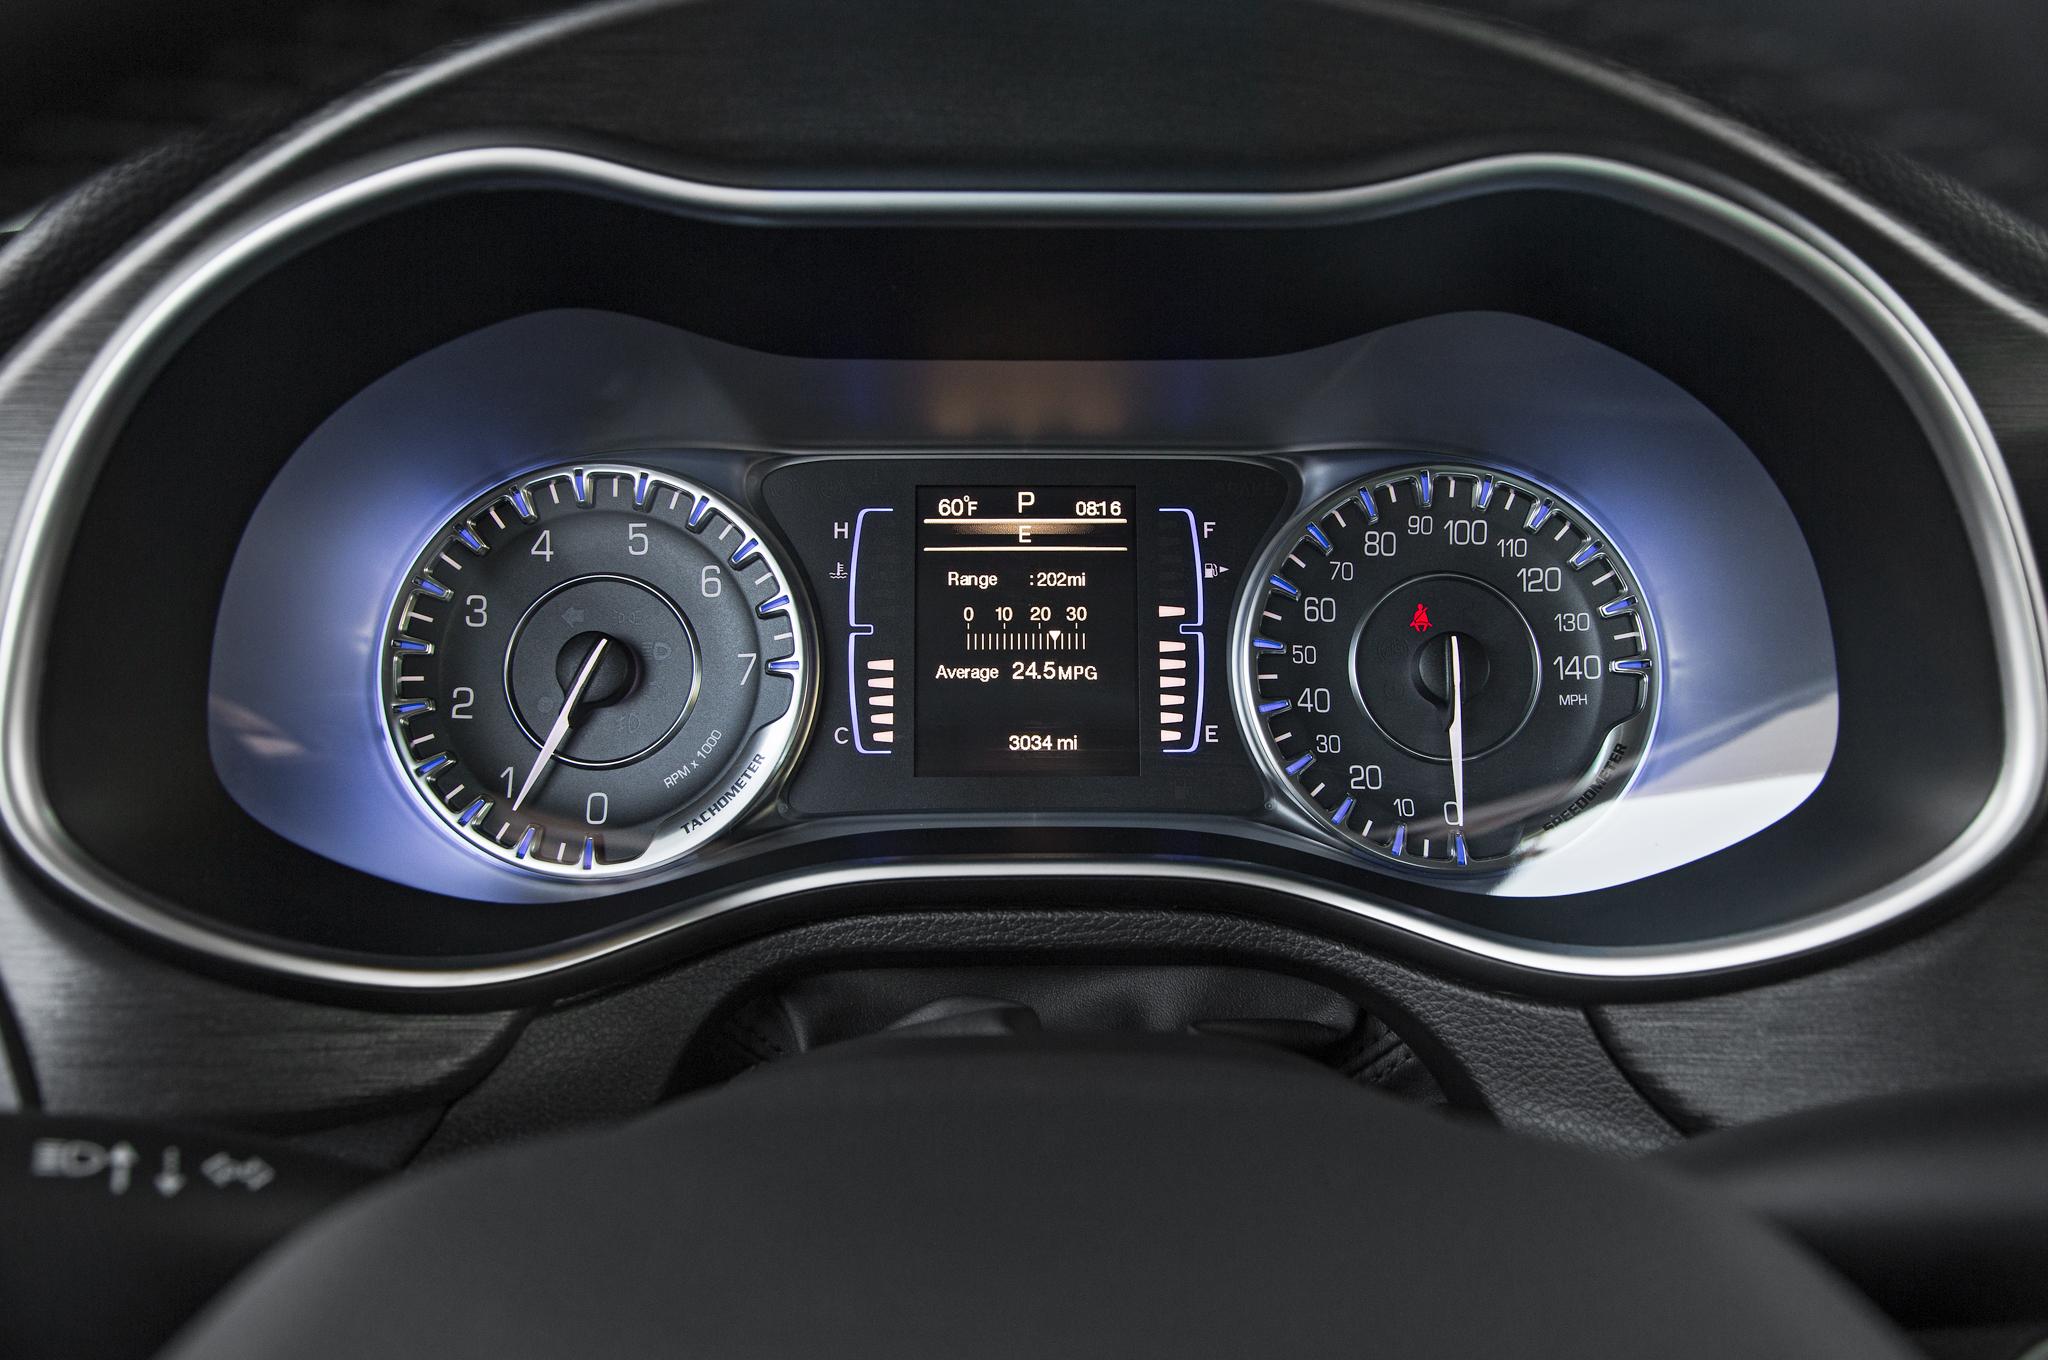 2015 Chrysler 200 Speedometer